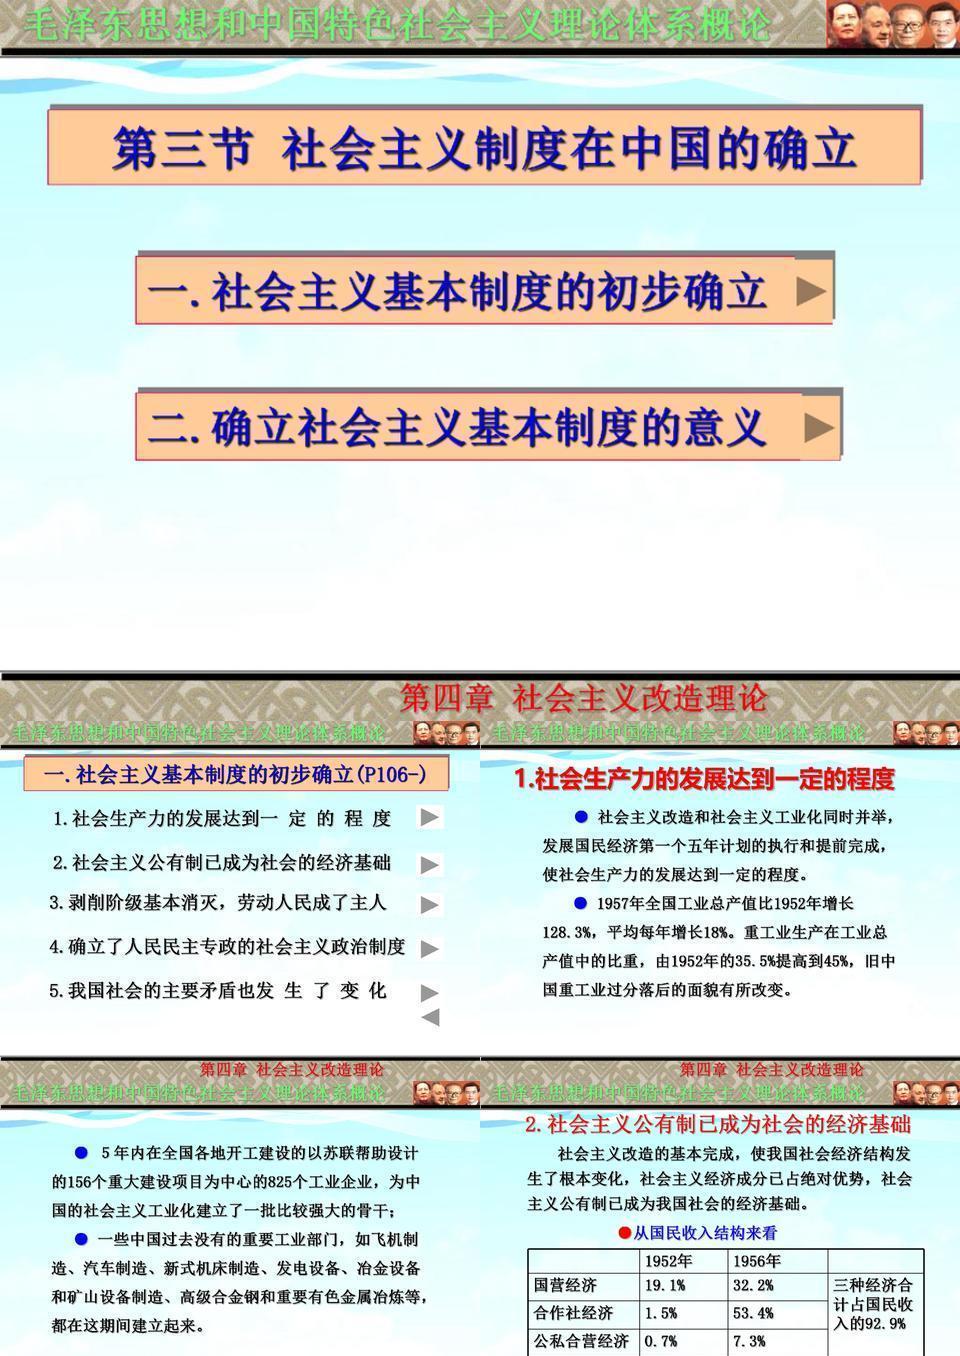 第四章   第三节   社会主义制度在中国的确立.ppt